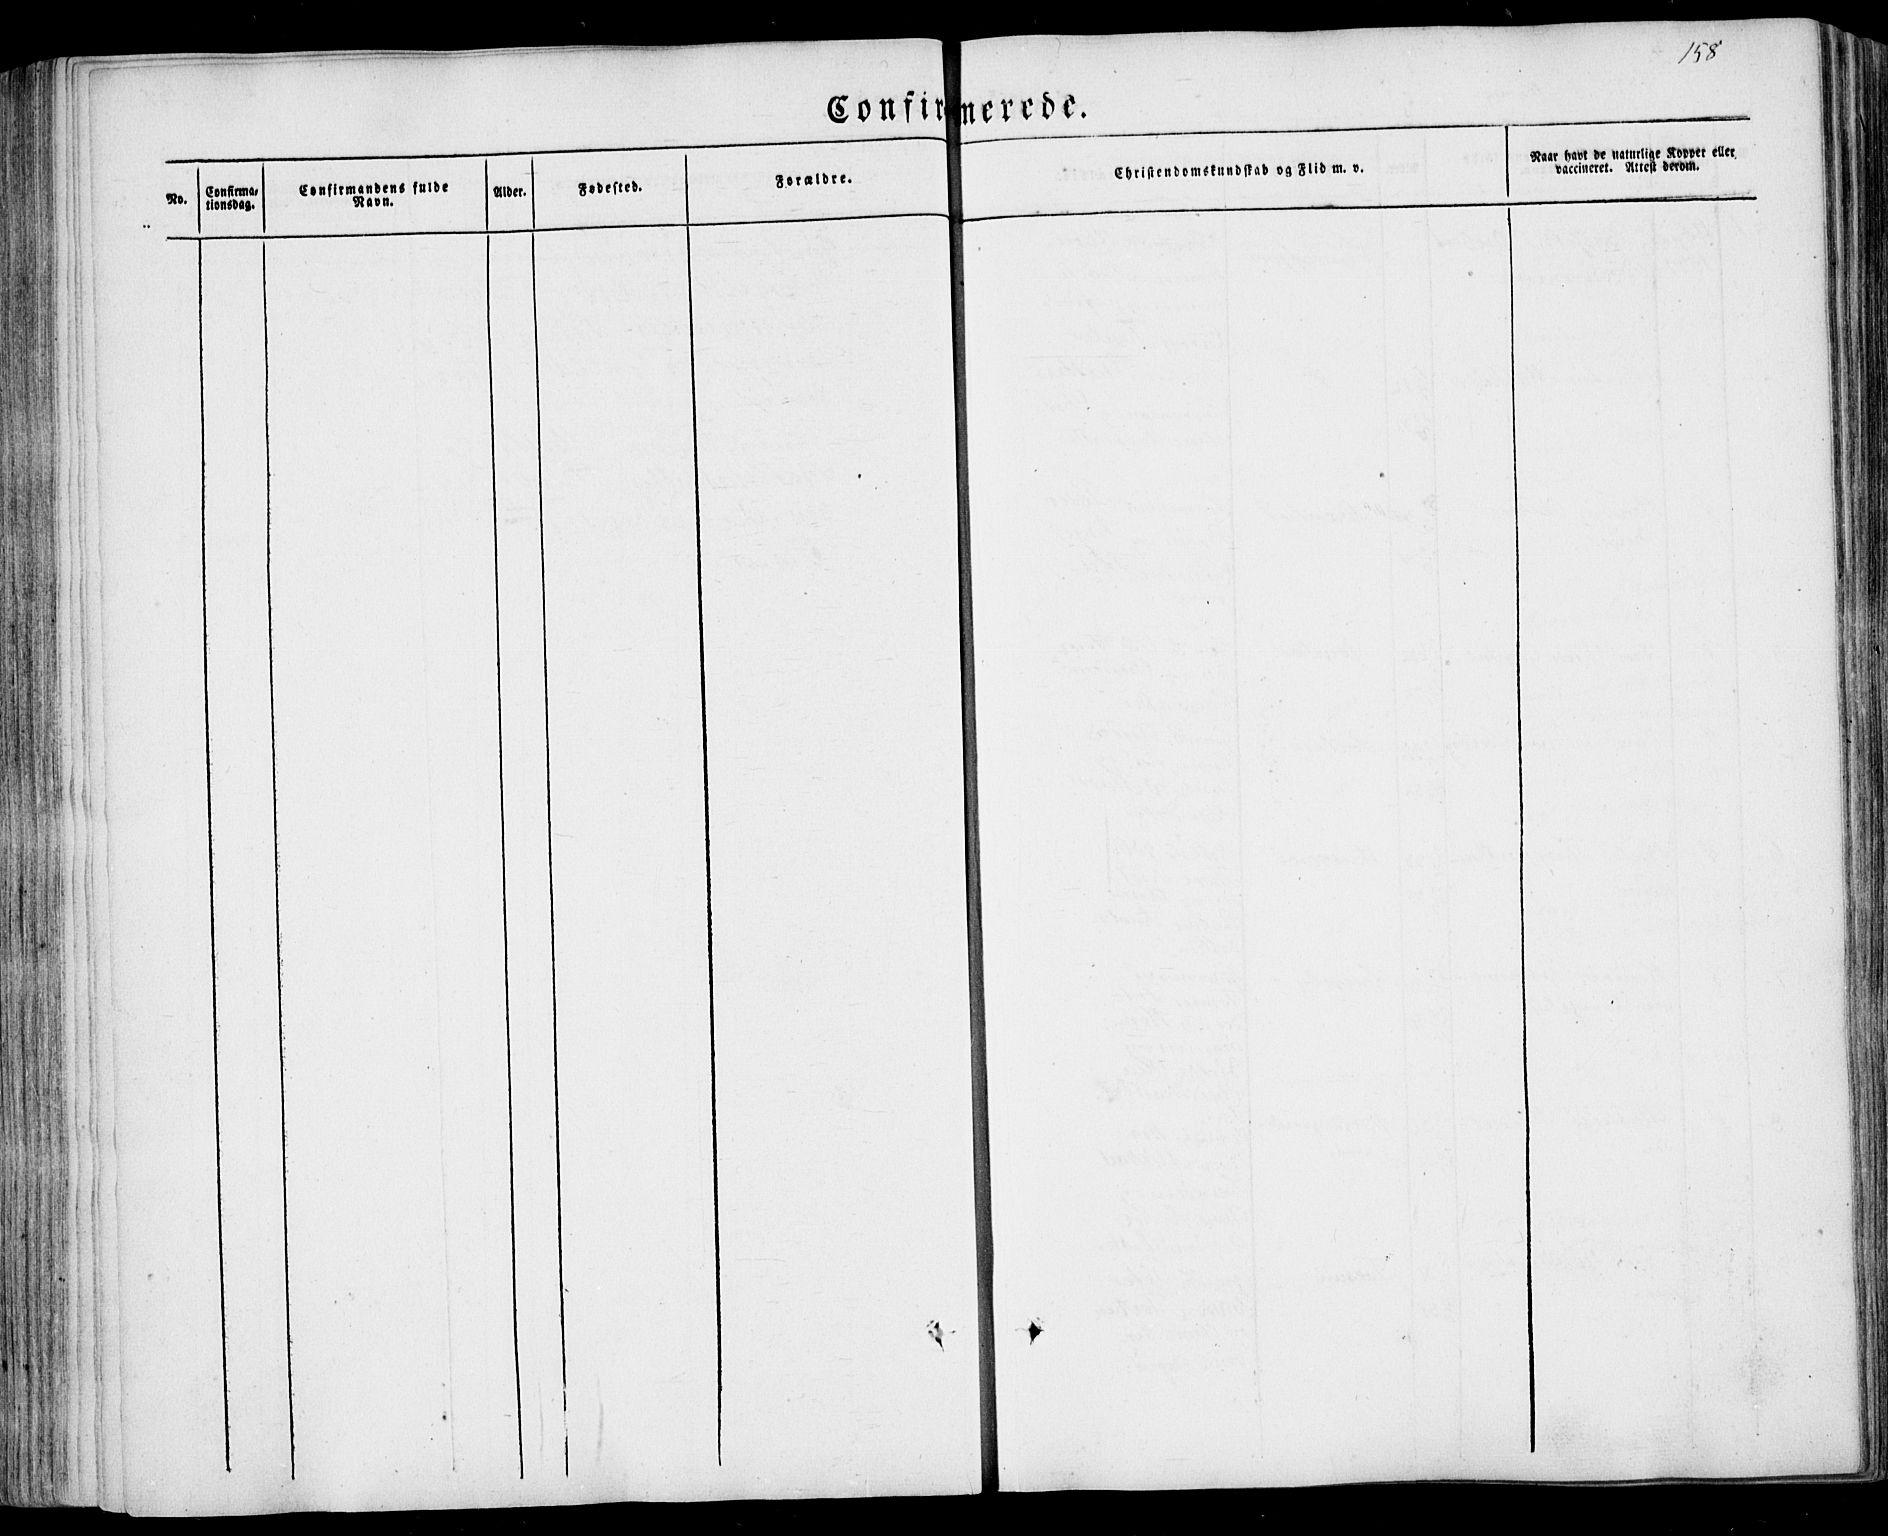 SAKO, Sandar kirkebøker, F/Fa/L0006: Ministerialbok nr. 6, 1847-1860, s. 158